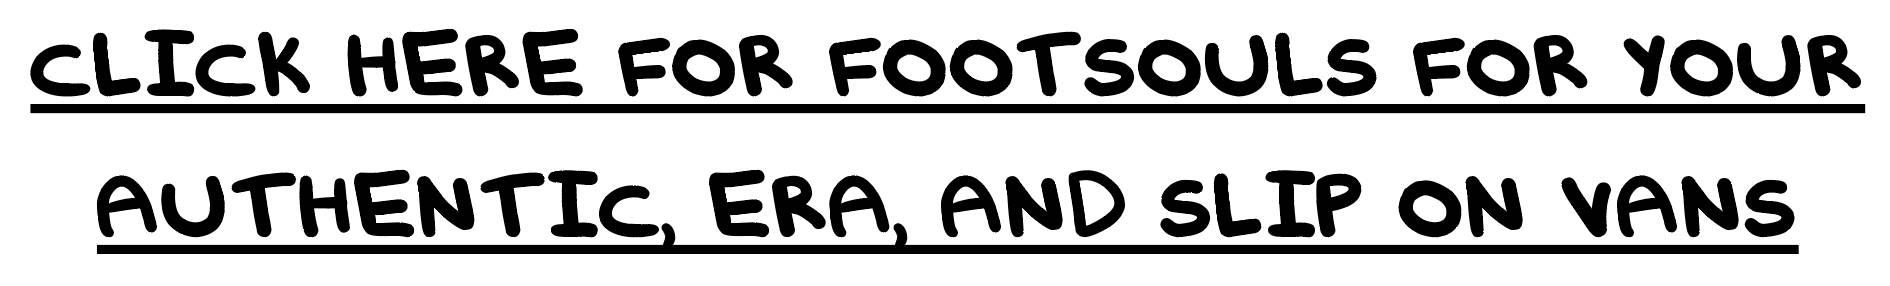 footsouls for slip on vans